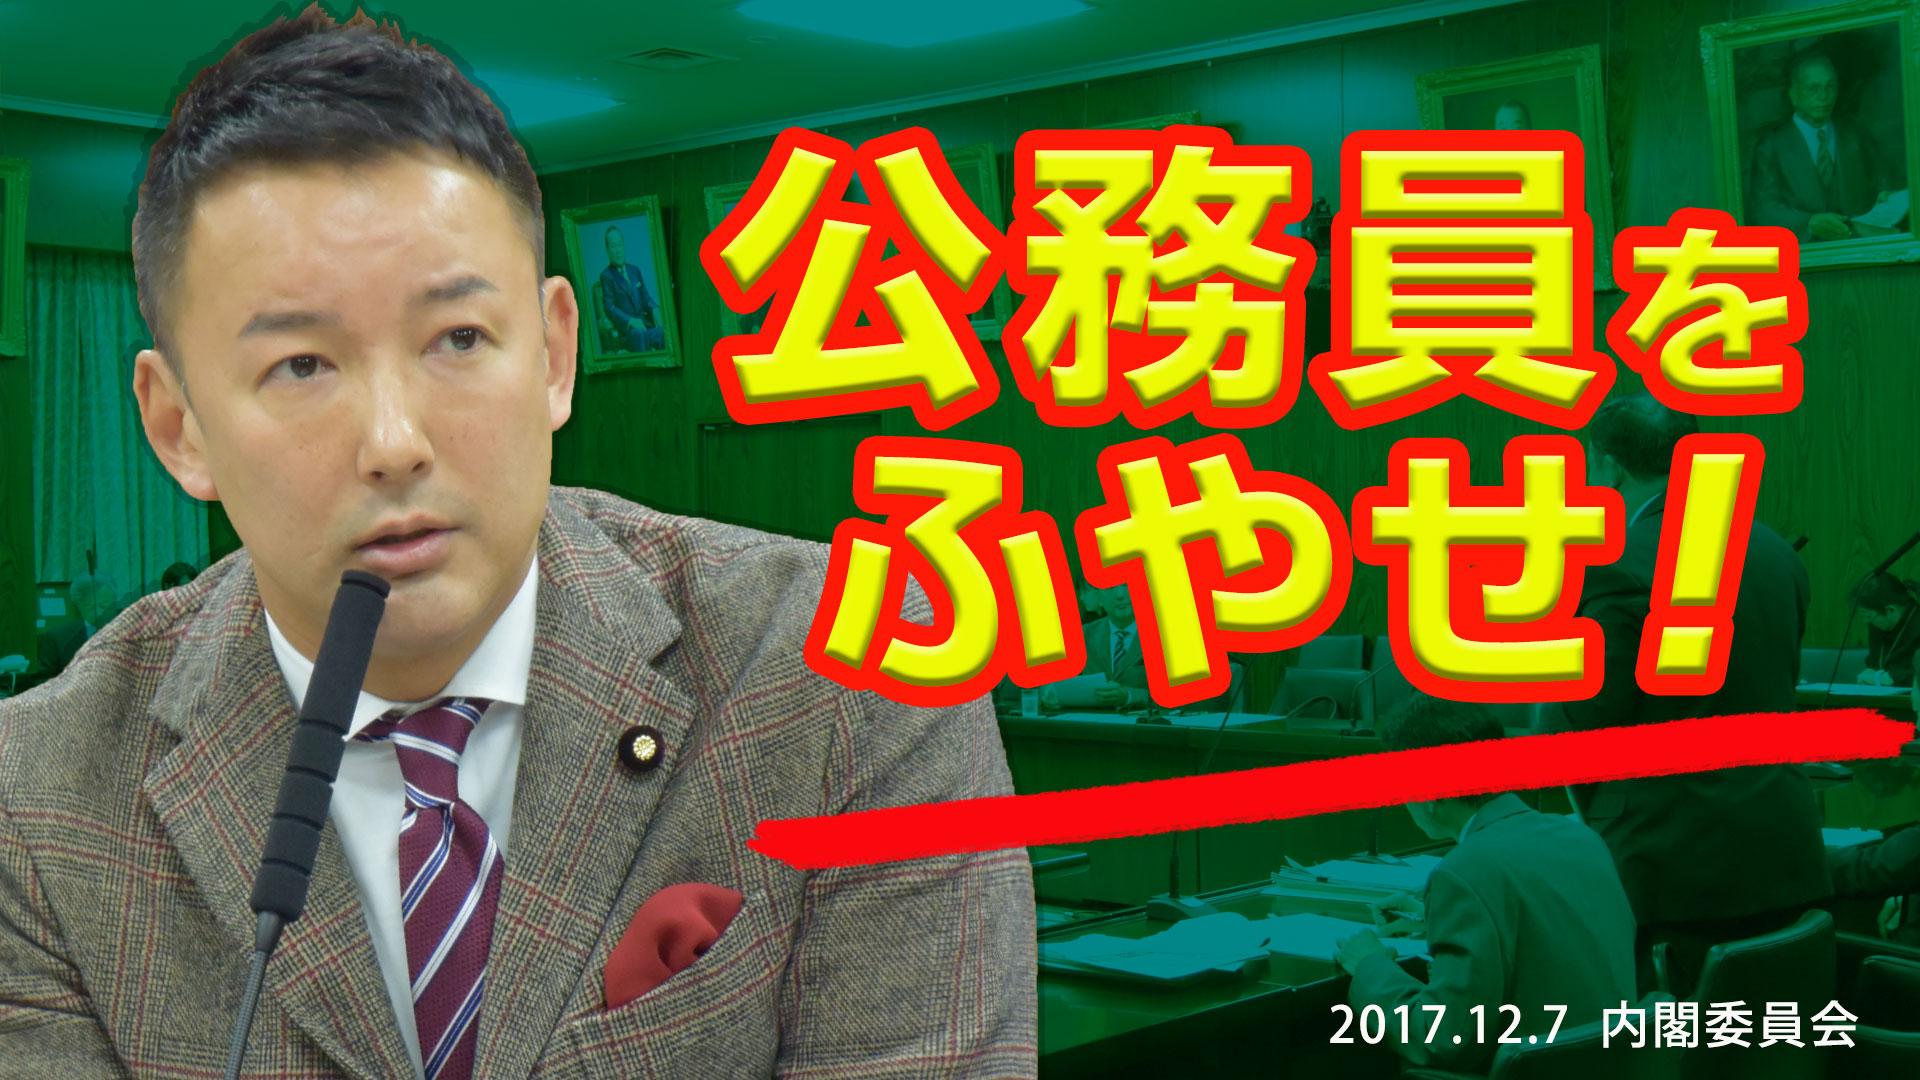 20171207-内閣委員会